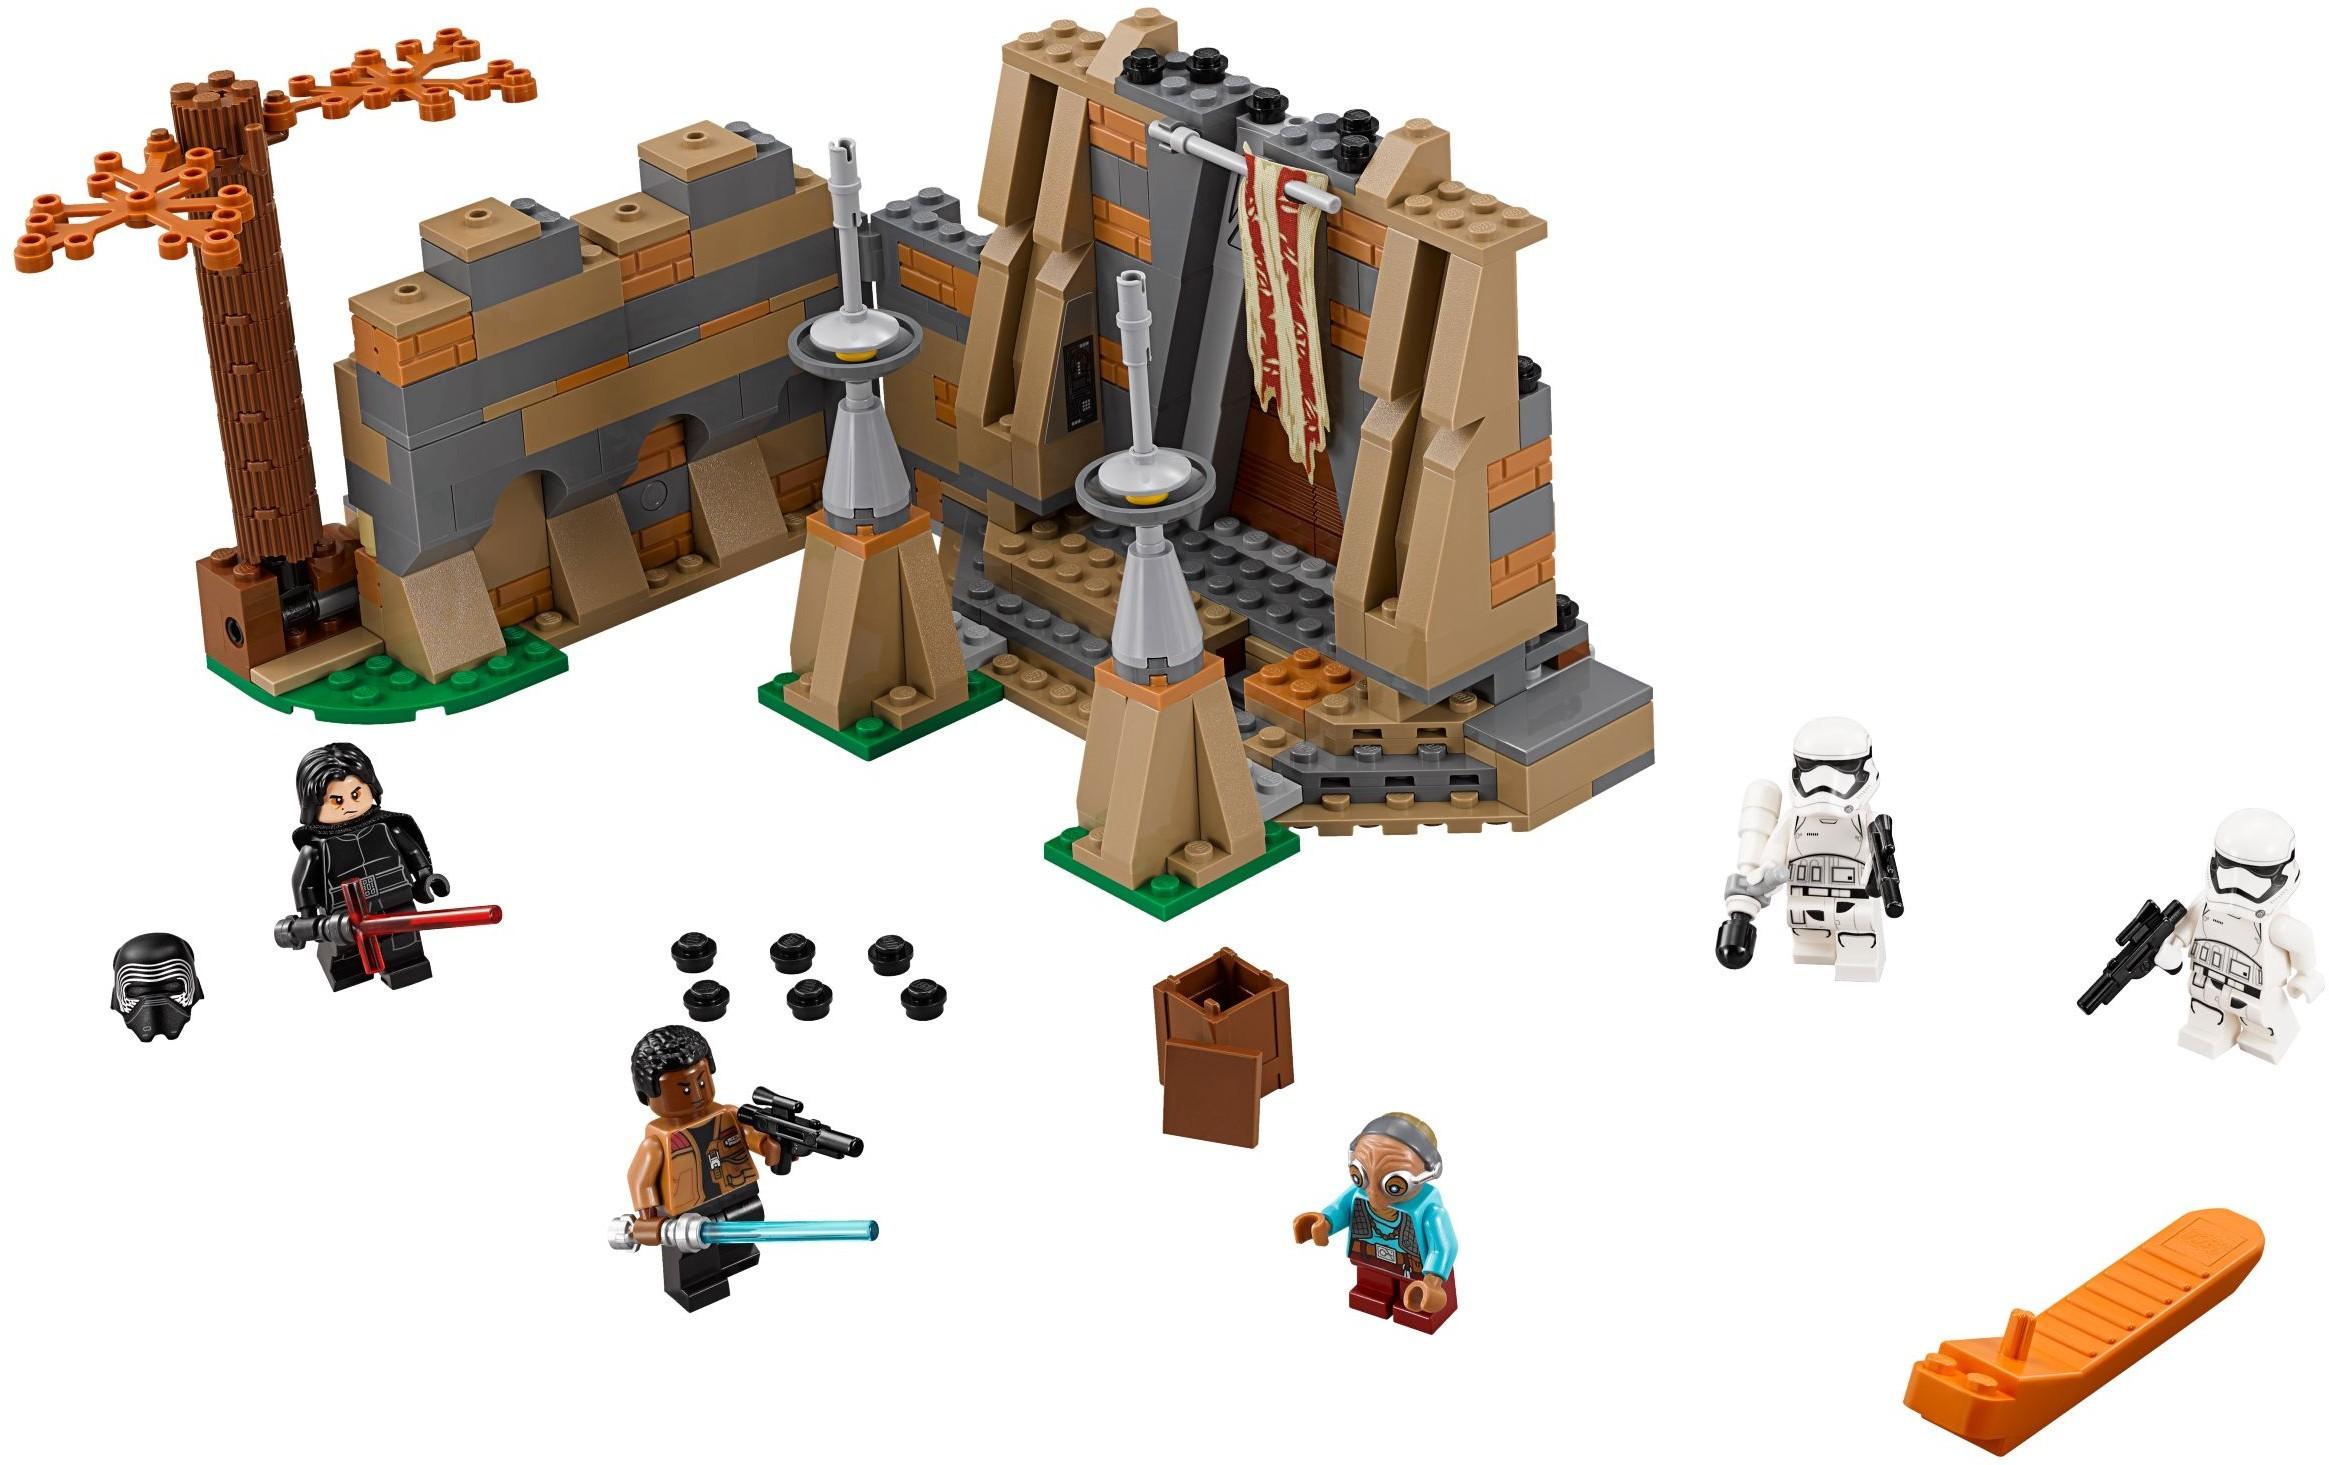 https://i2.wp.com/images.brickset.com/sets/large/75139-1.jpg